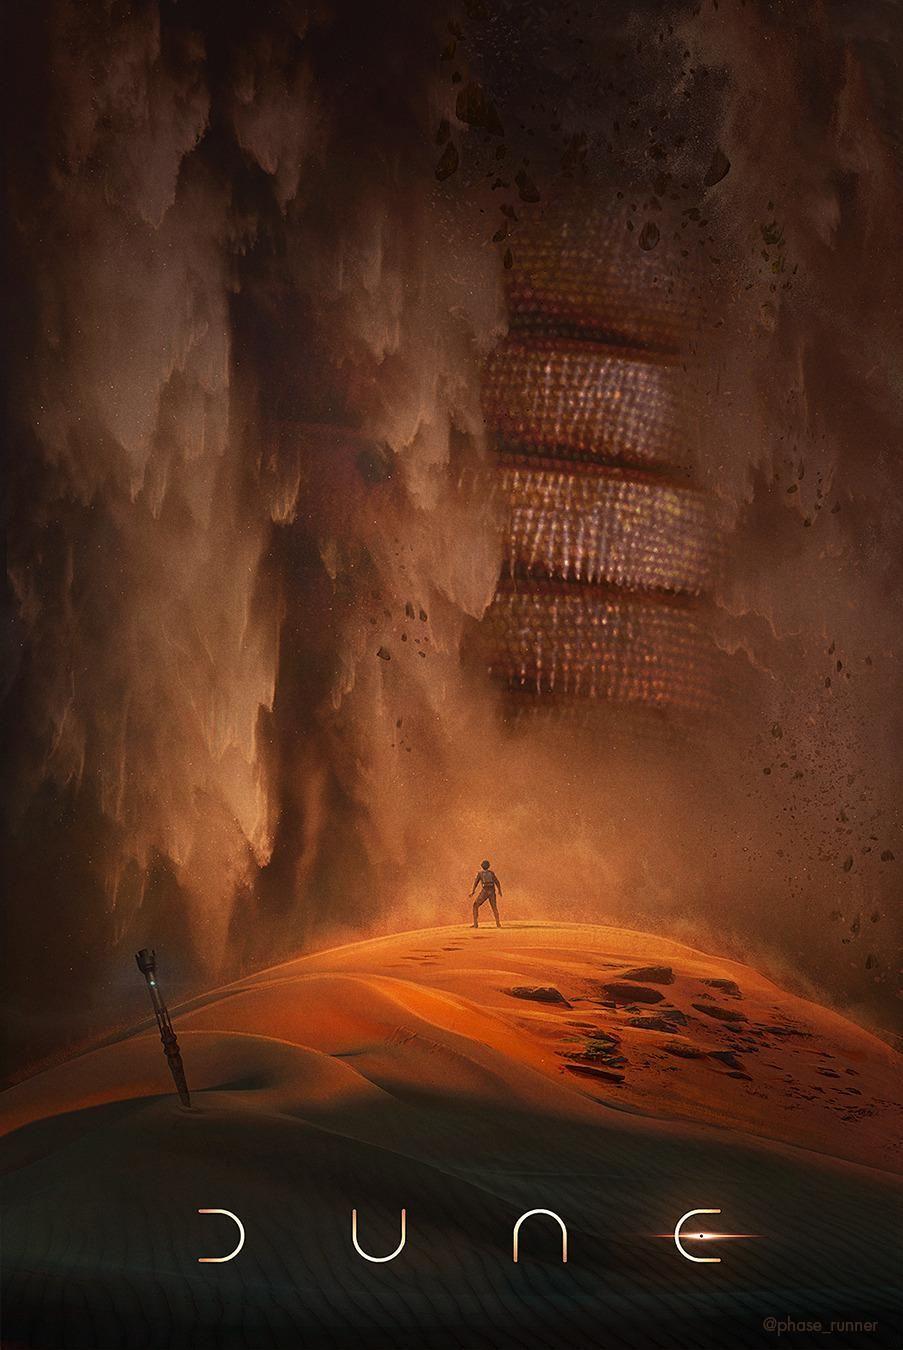 Dune 2020 903 X 1350 Dune Art Dune Film Dune Book